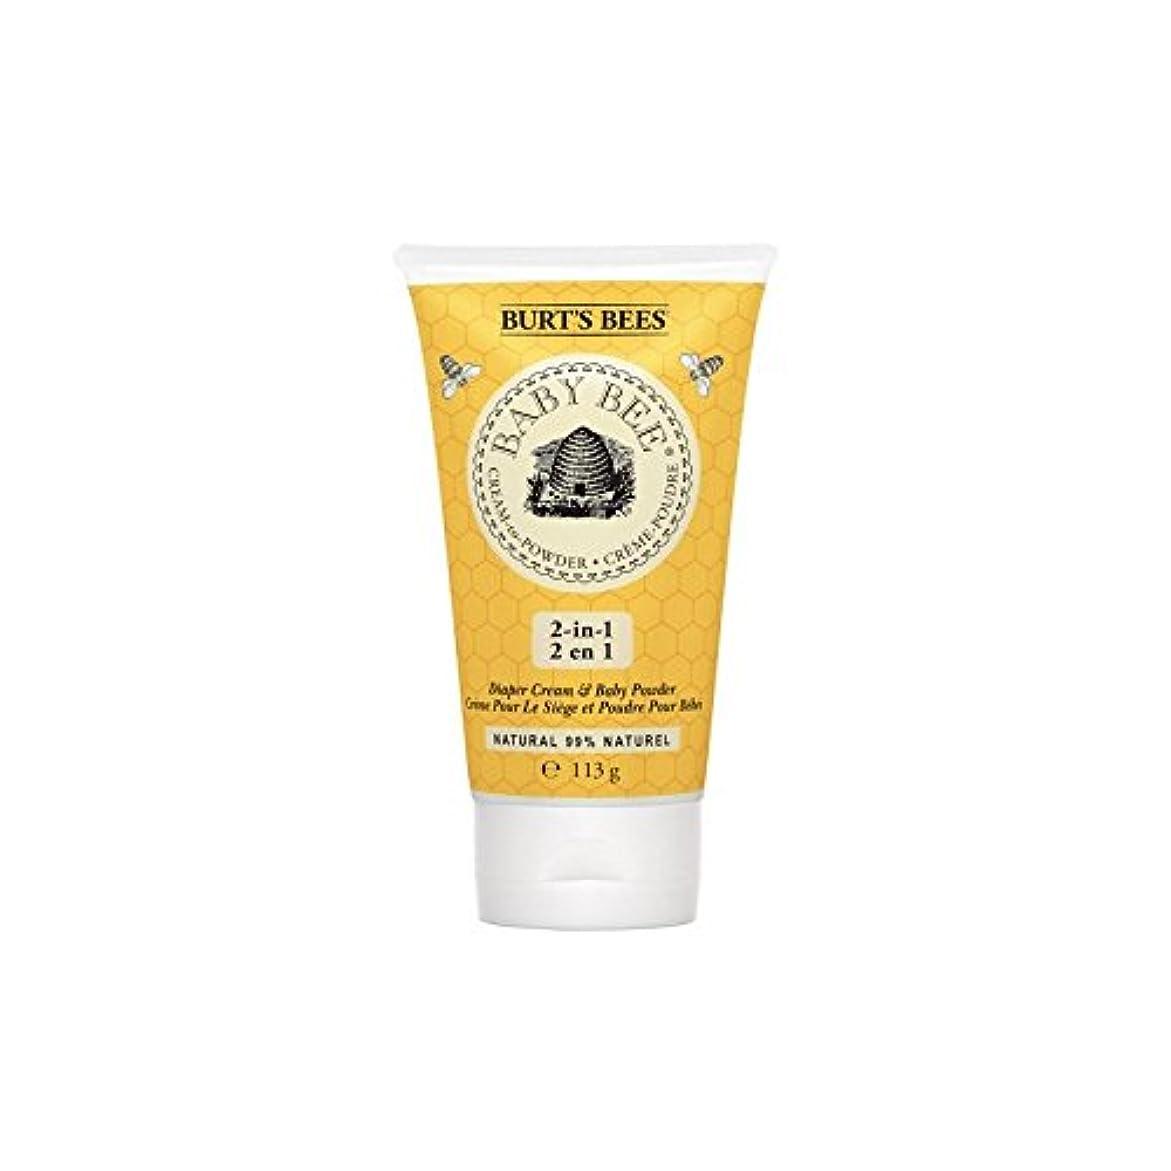 びっくりする見かけ上故意の粉末にバーツビークリーム x2 - Burt's Bees Cream to Powder (Pack of 2) [並行輸入品]